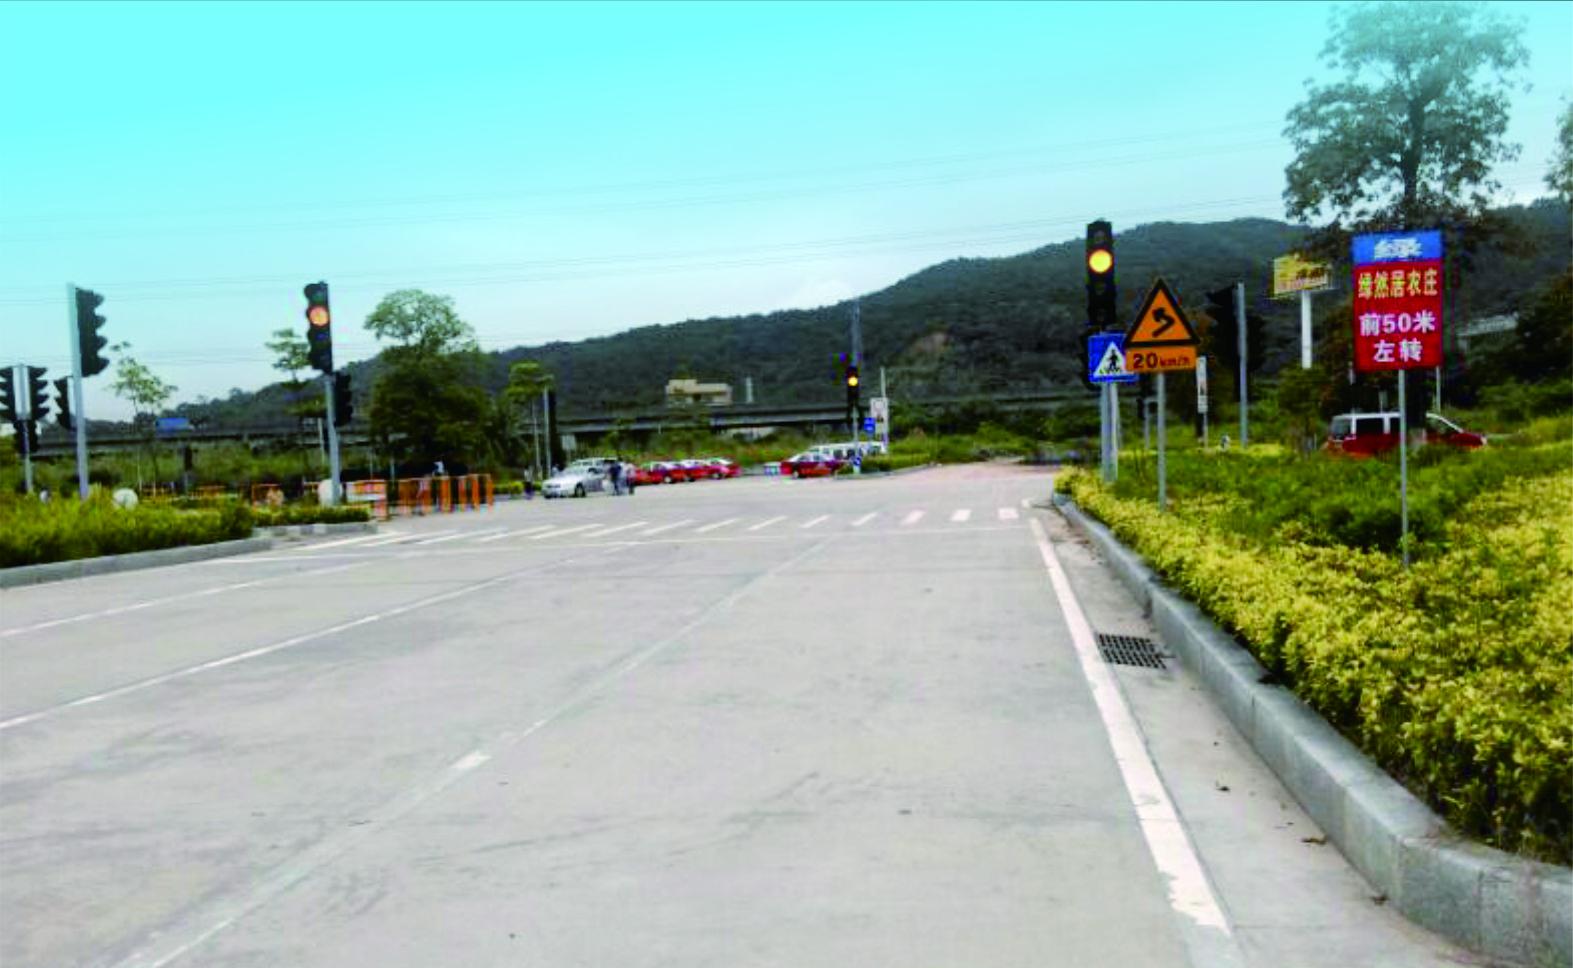 廣東省中山市市政工程建設中心輕軌中山站道路